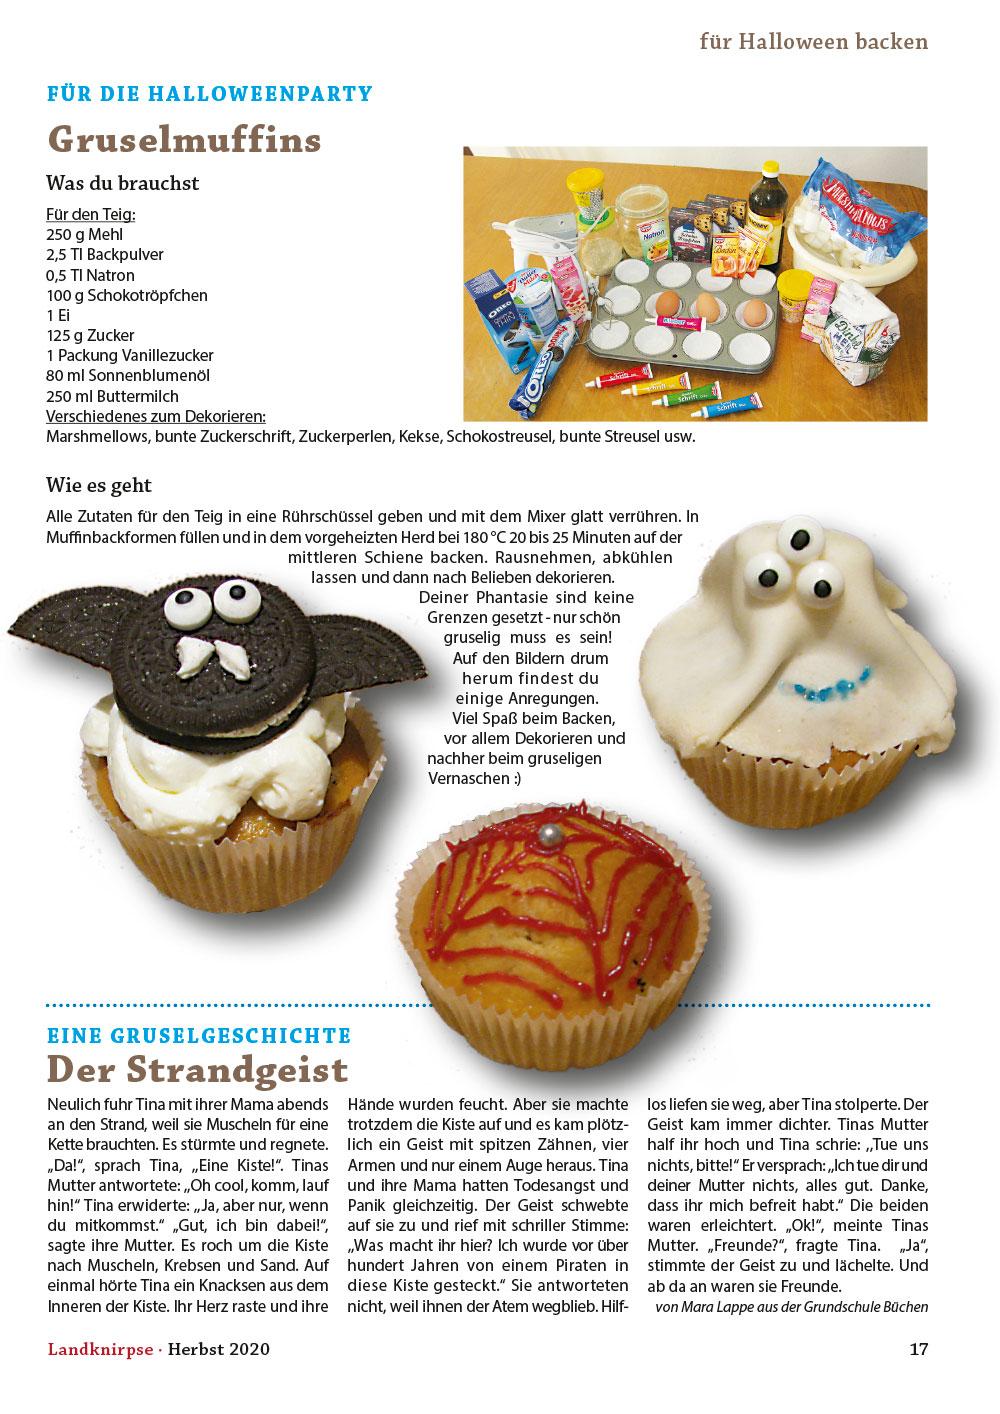 Gruselmuffins für die Halloweenparty backen